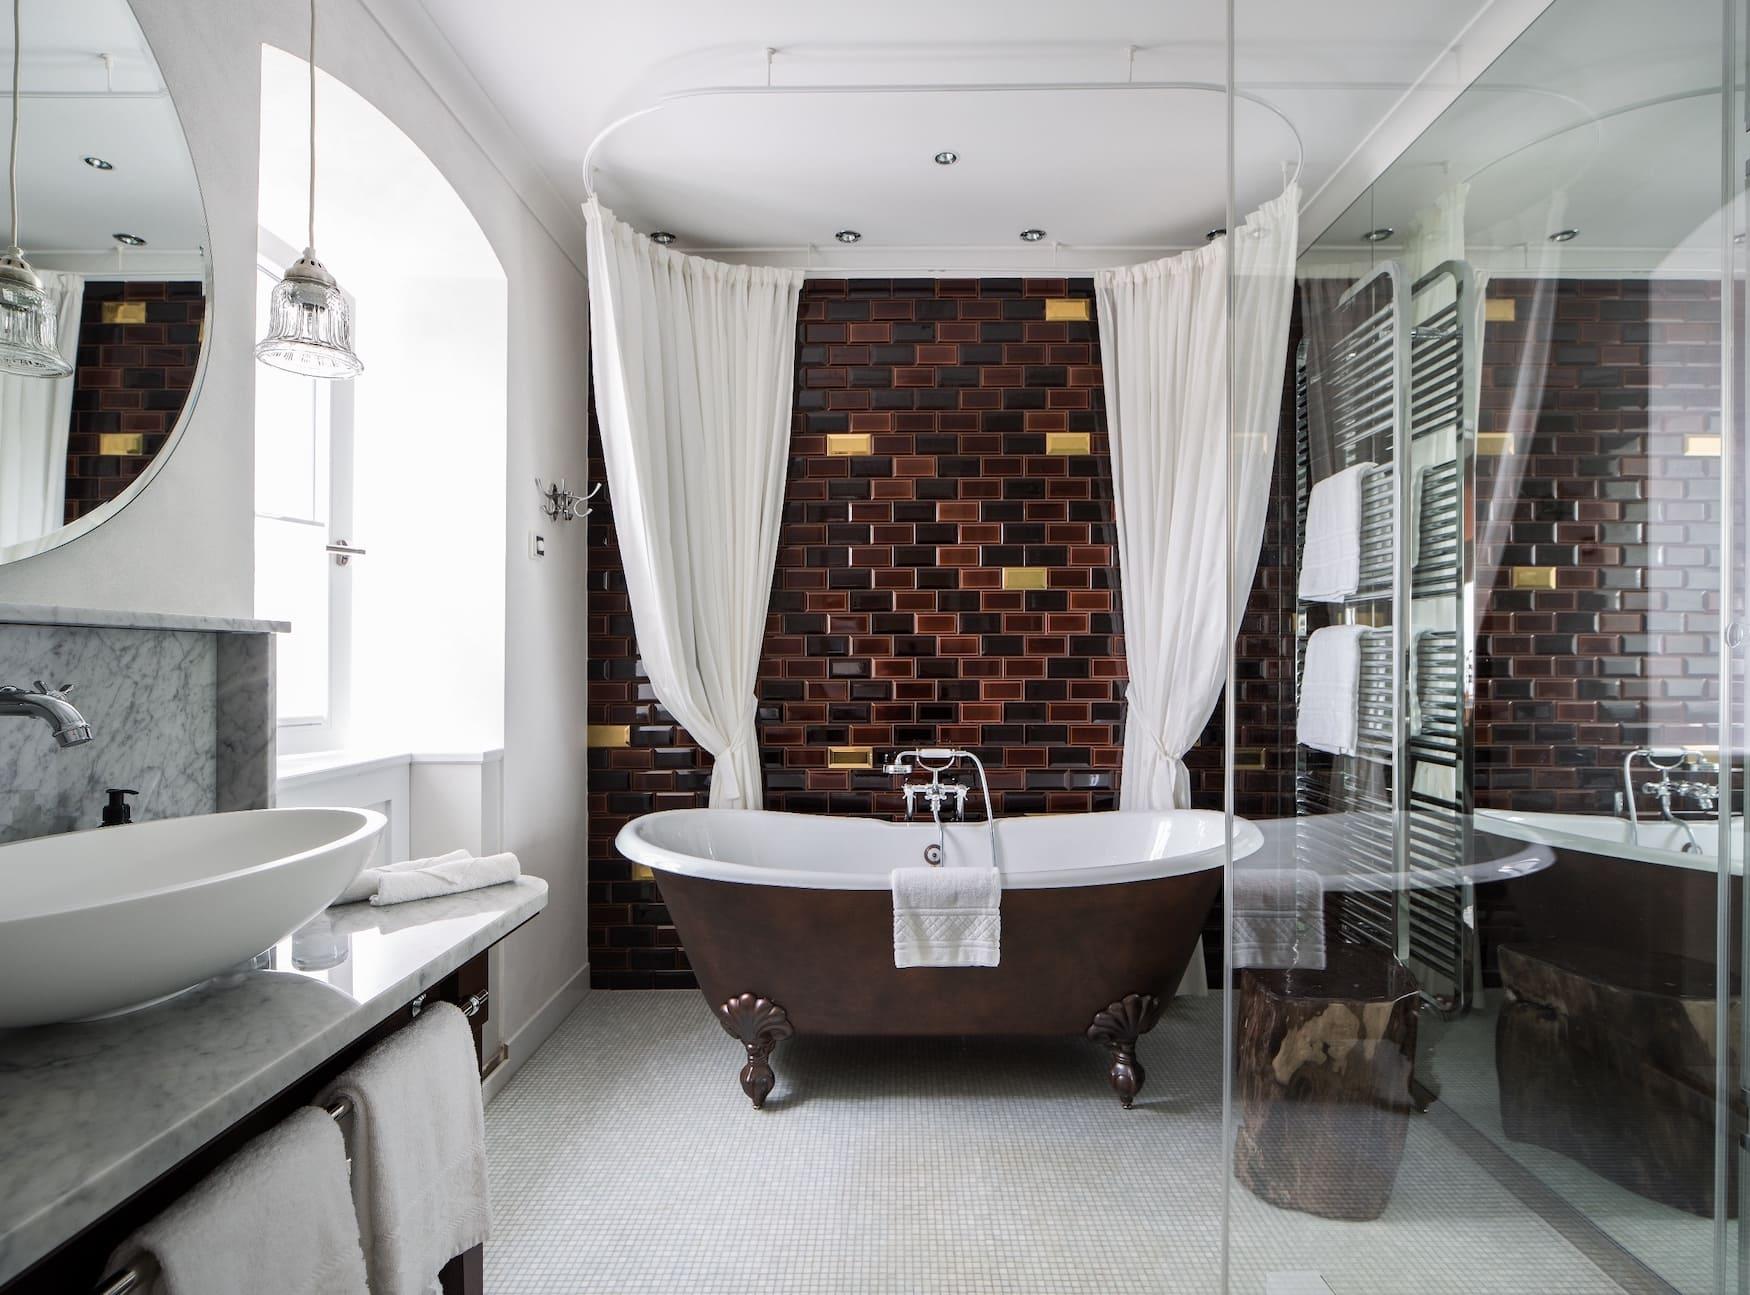 Freistehende Badewanne: Hotel Einrichtung, von der wir uns gern inspirieren lassen